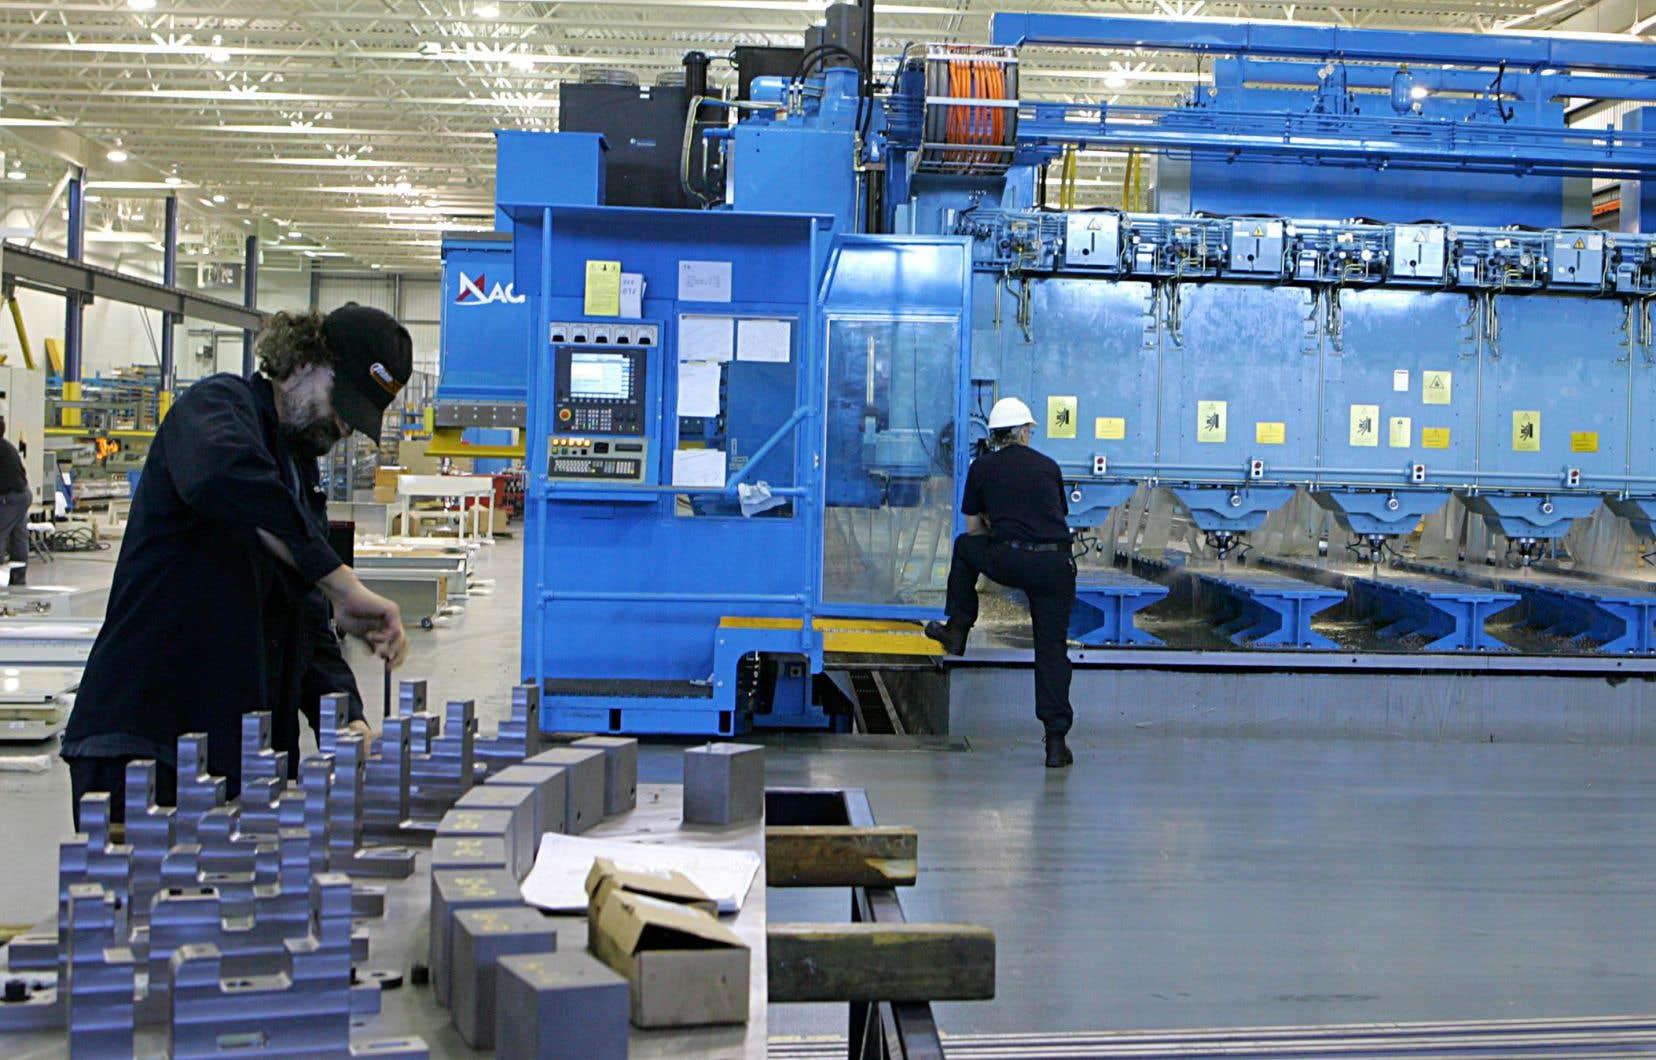 Les industries productrices de services connaissent une croissance de 3,1%, alors que les industries productrices de biens affichent une hausse de 2,2% par rapport à la même période de 2016.